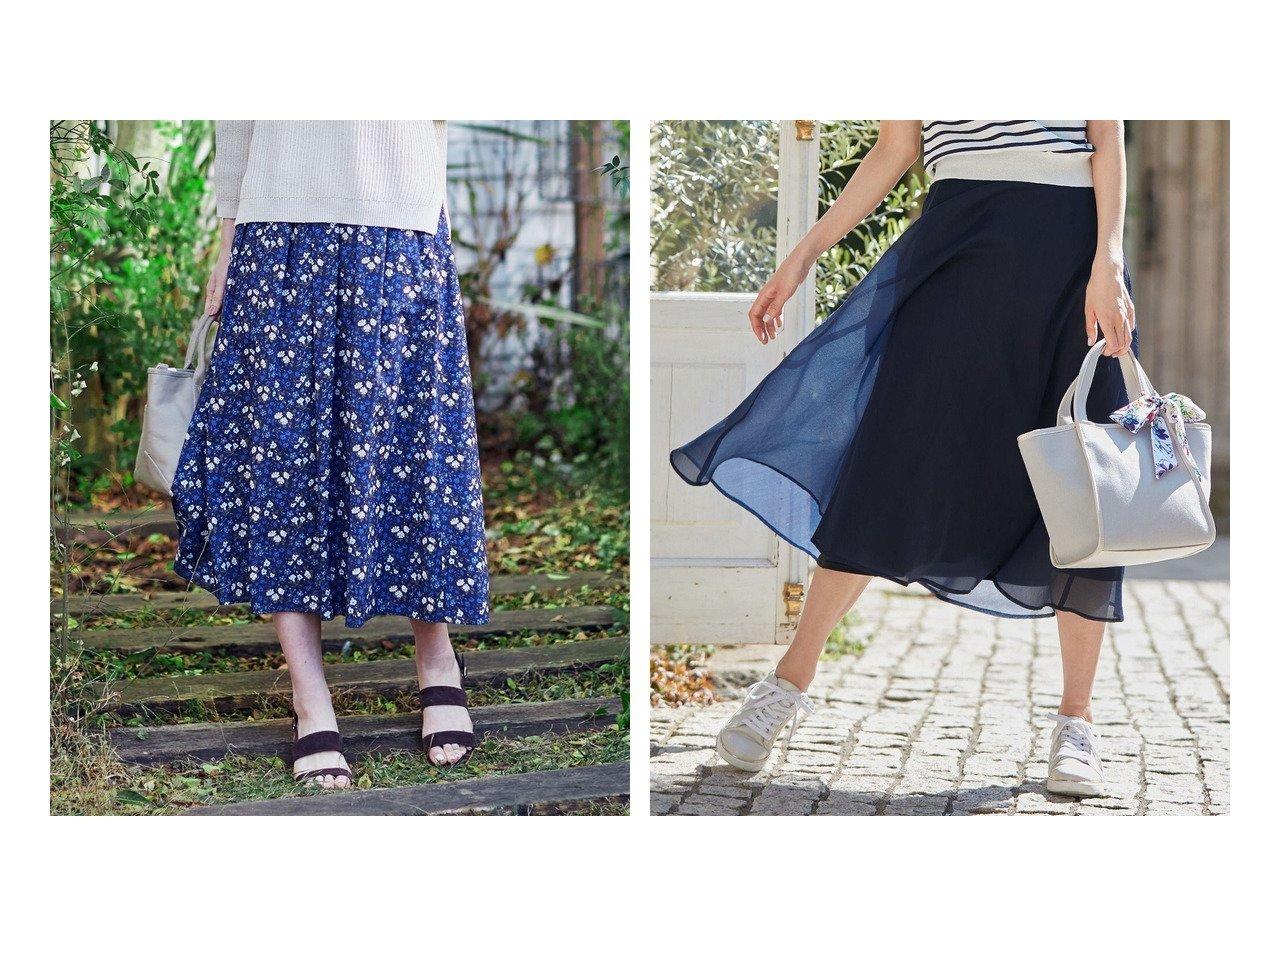 【J.PRESS/ジェイ プレス】の【洗える】リバティプリント スカート&【any SiS/エニィ スィス】の【洗える】エアリーシアー スカート 【スカート】おすすめ!人気、トレンド・レディースファッションの通販 おすすめで人気の流行・トレンド、ファッションの通販商品 インテリア・家具・メンズファッション・キッズファッション・レディースファッション・服の通販 founy(ファニー) https://founy.com/ ファッション Fashion レディースファッション WOMEN スカート Skirt 送料無料 Free Shipping オーガンジー シアー フレア ミモレ 洗える ギャザー セットアップ ドレープ プリント ボタニカル |ID:crp329100000040807